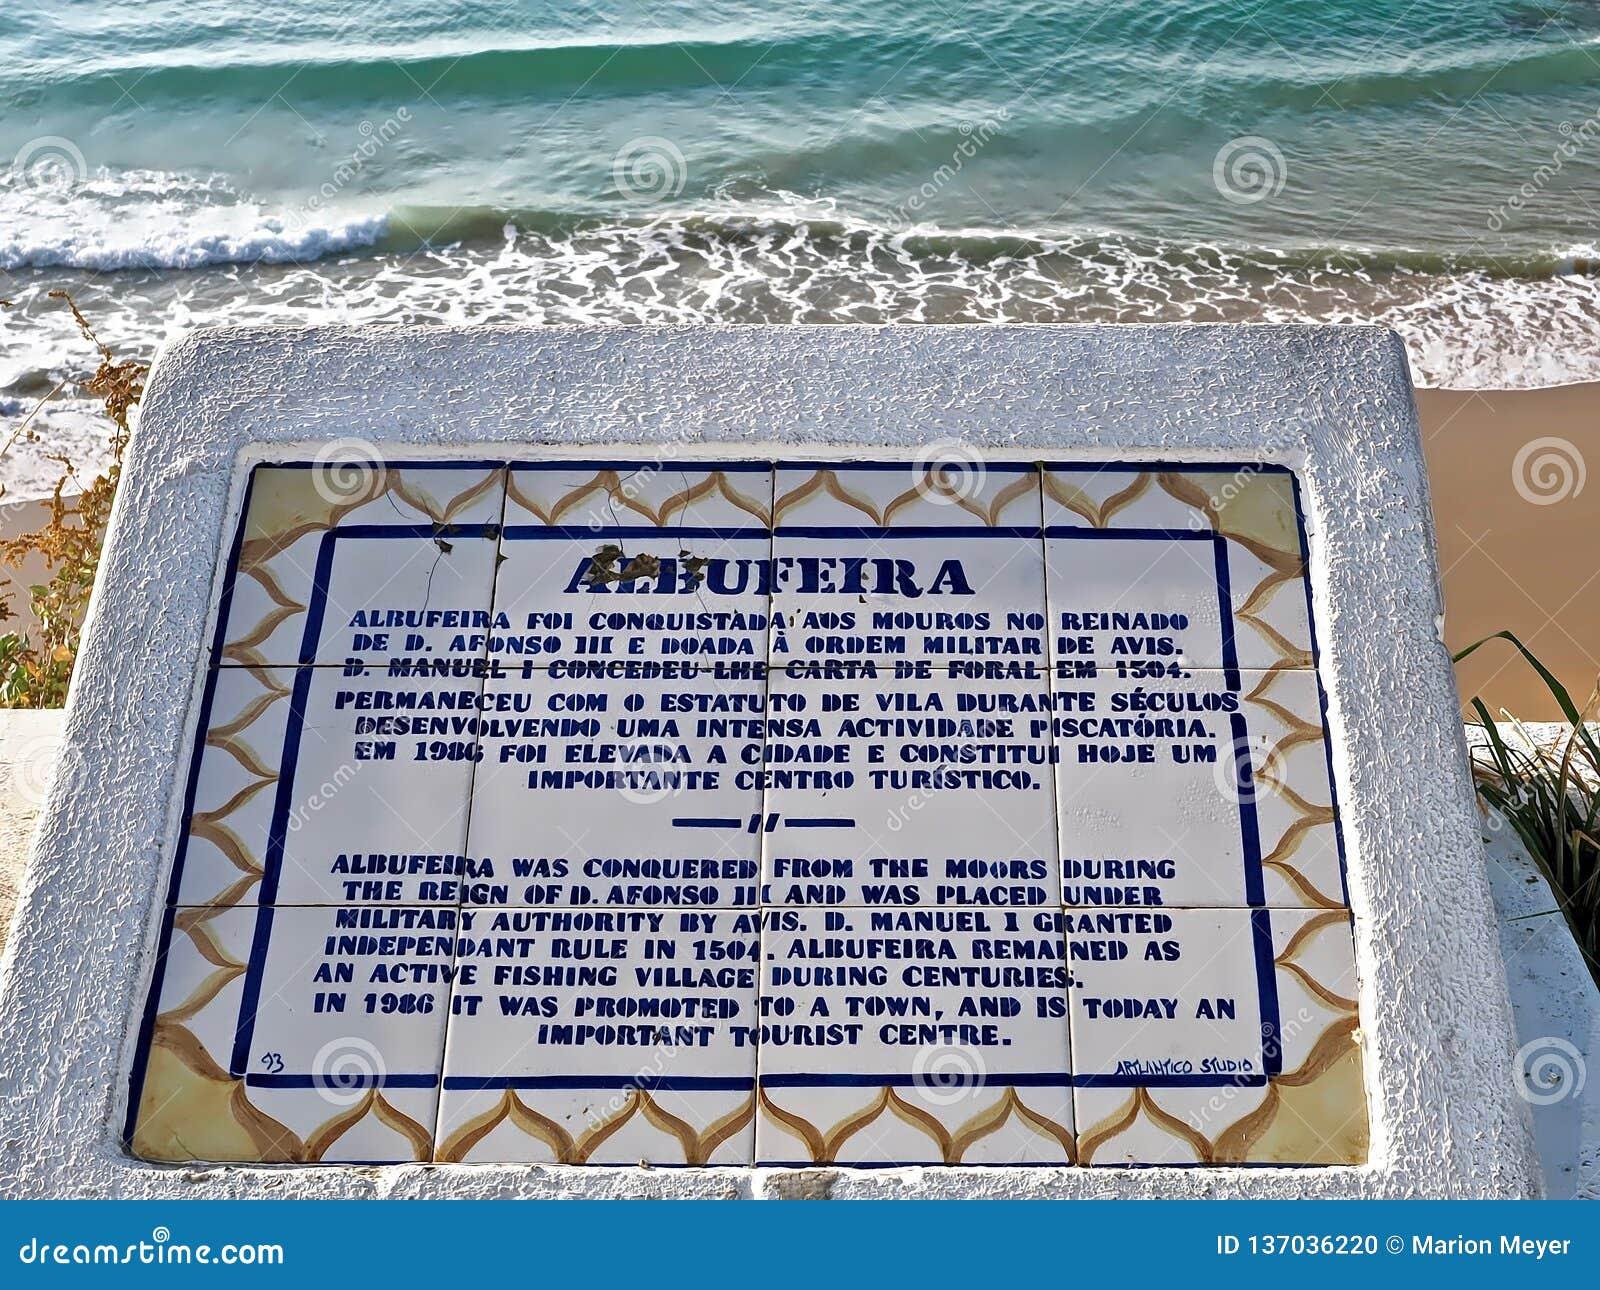 History of Albufeira in Portugal written on a board